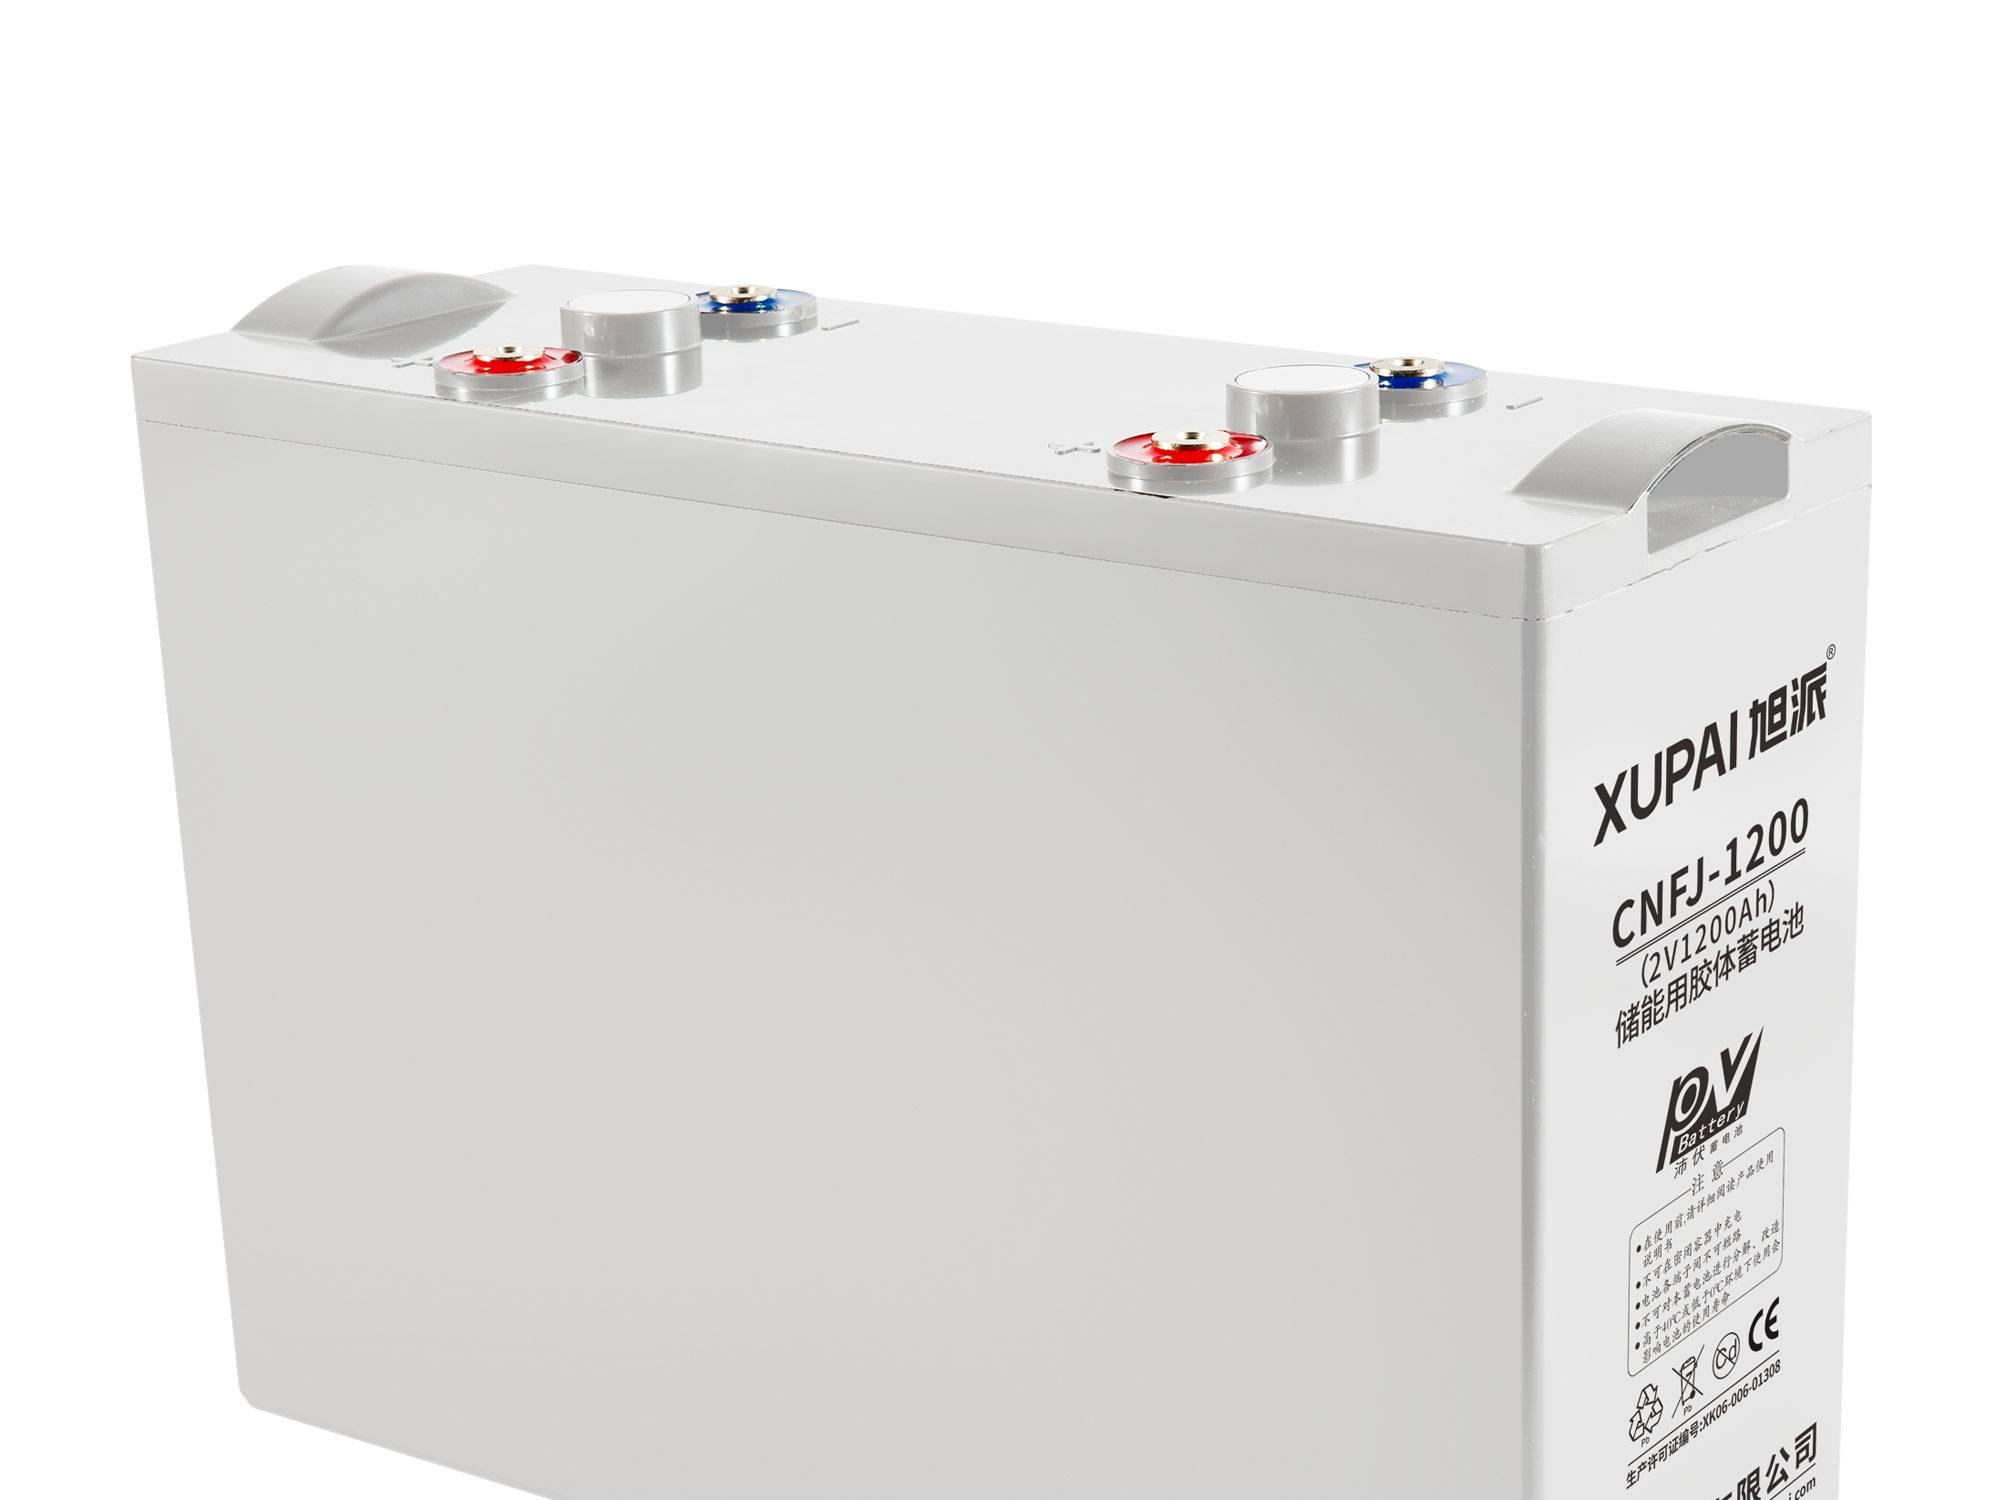 XUPAI CNFJ-1200 long life GEL solar battery